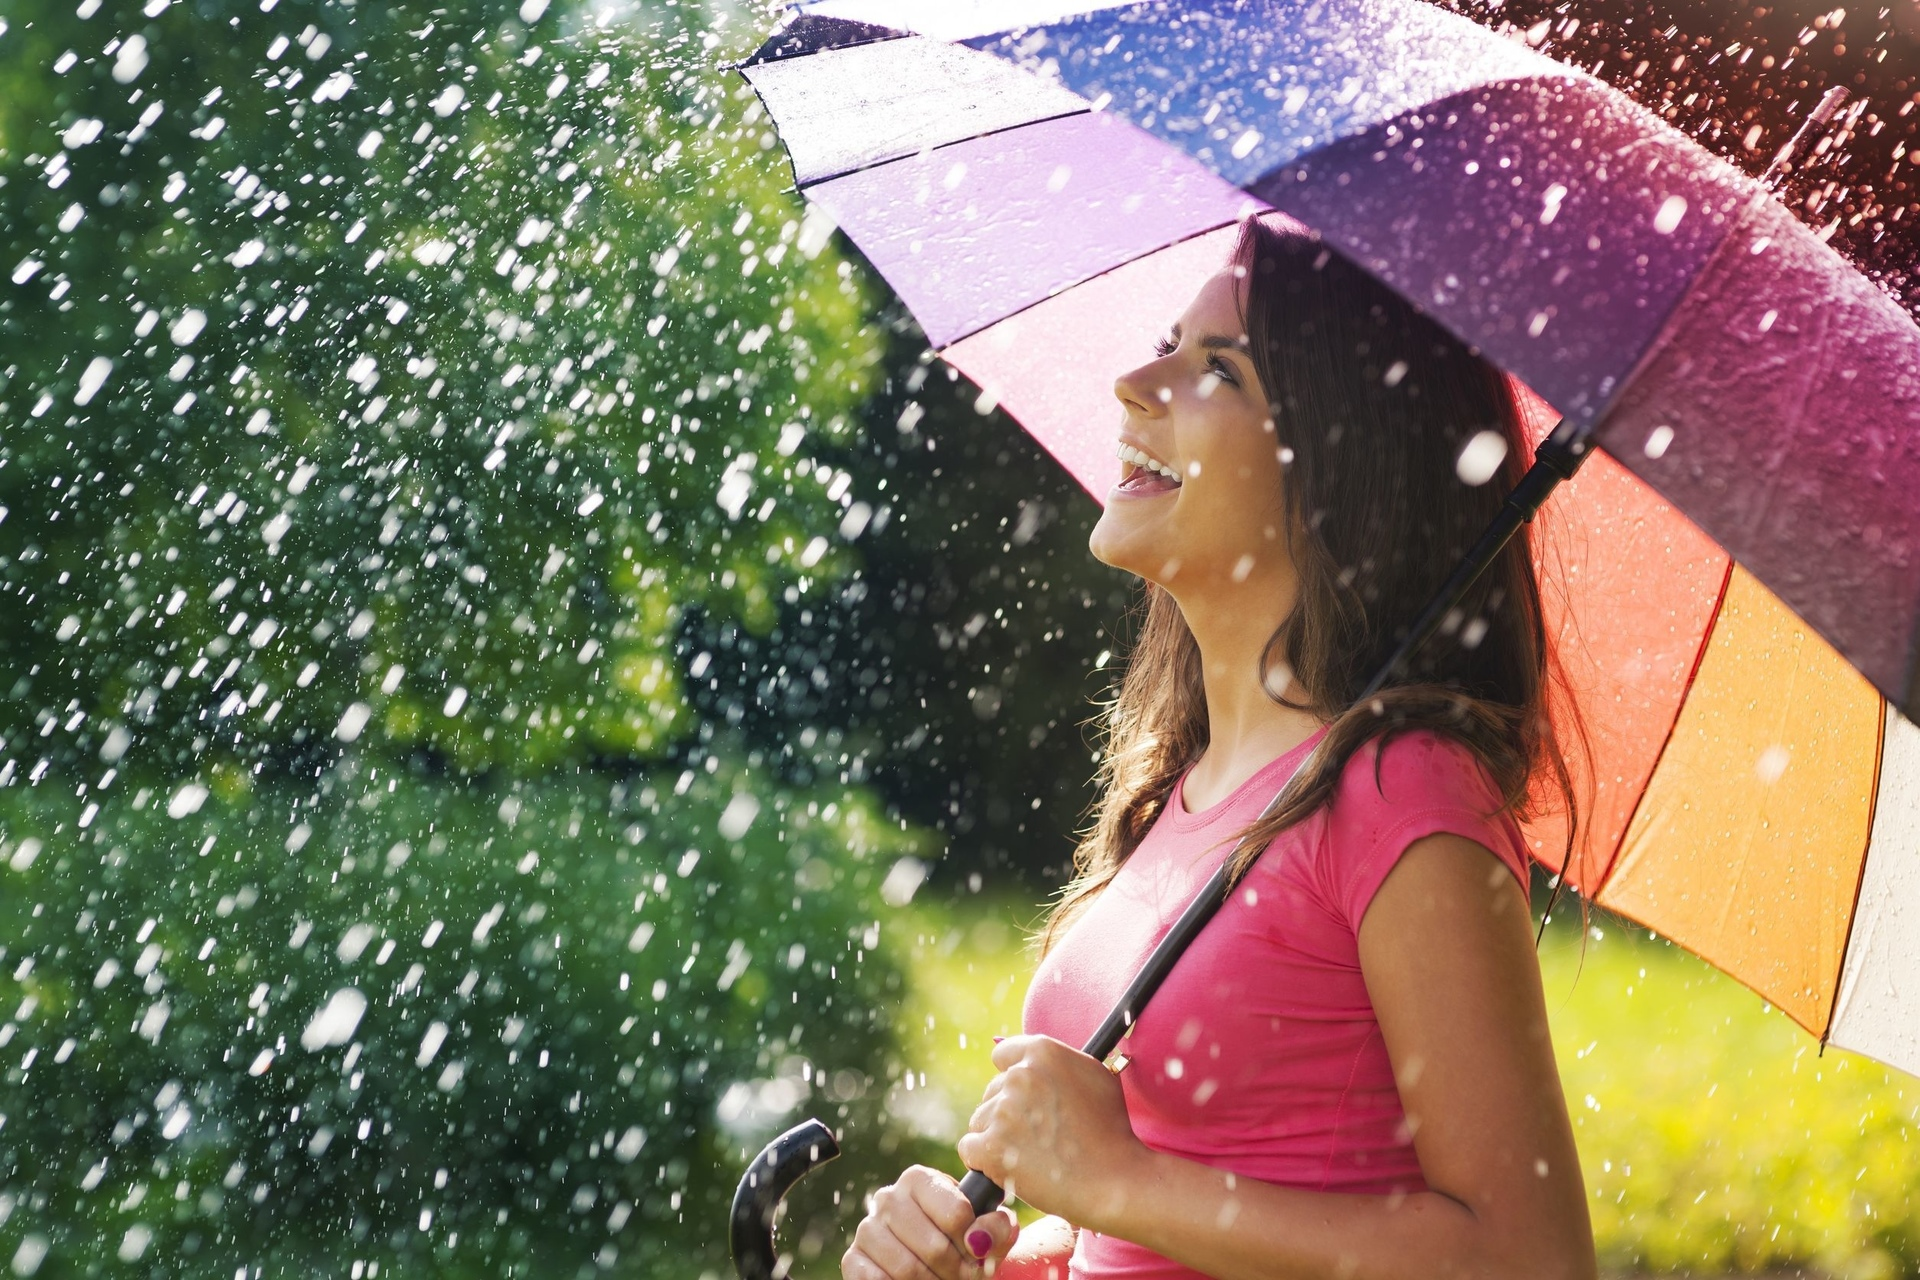 общем картинки разных дождей находка самое раннее